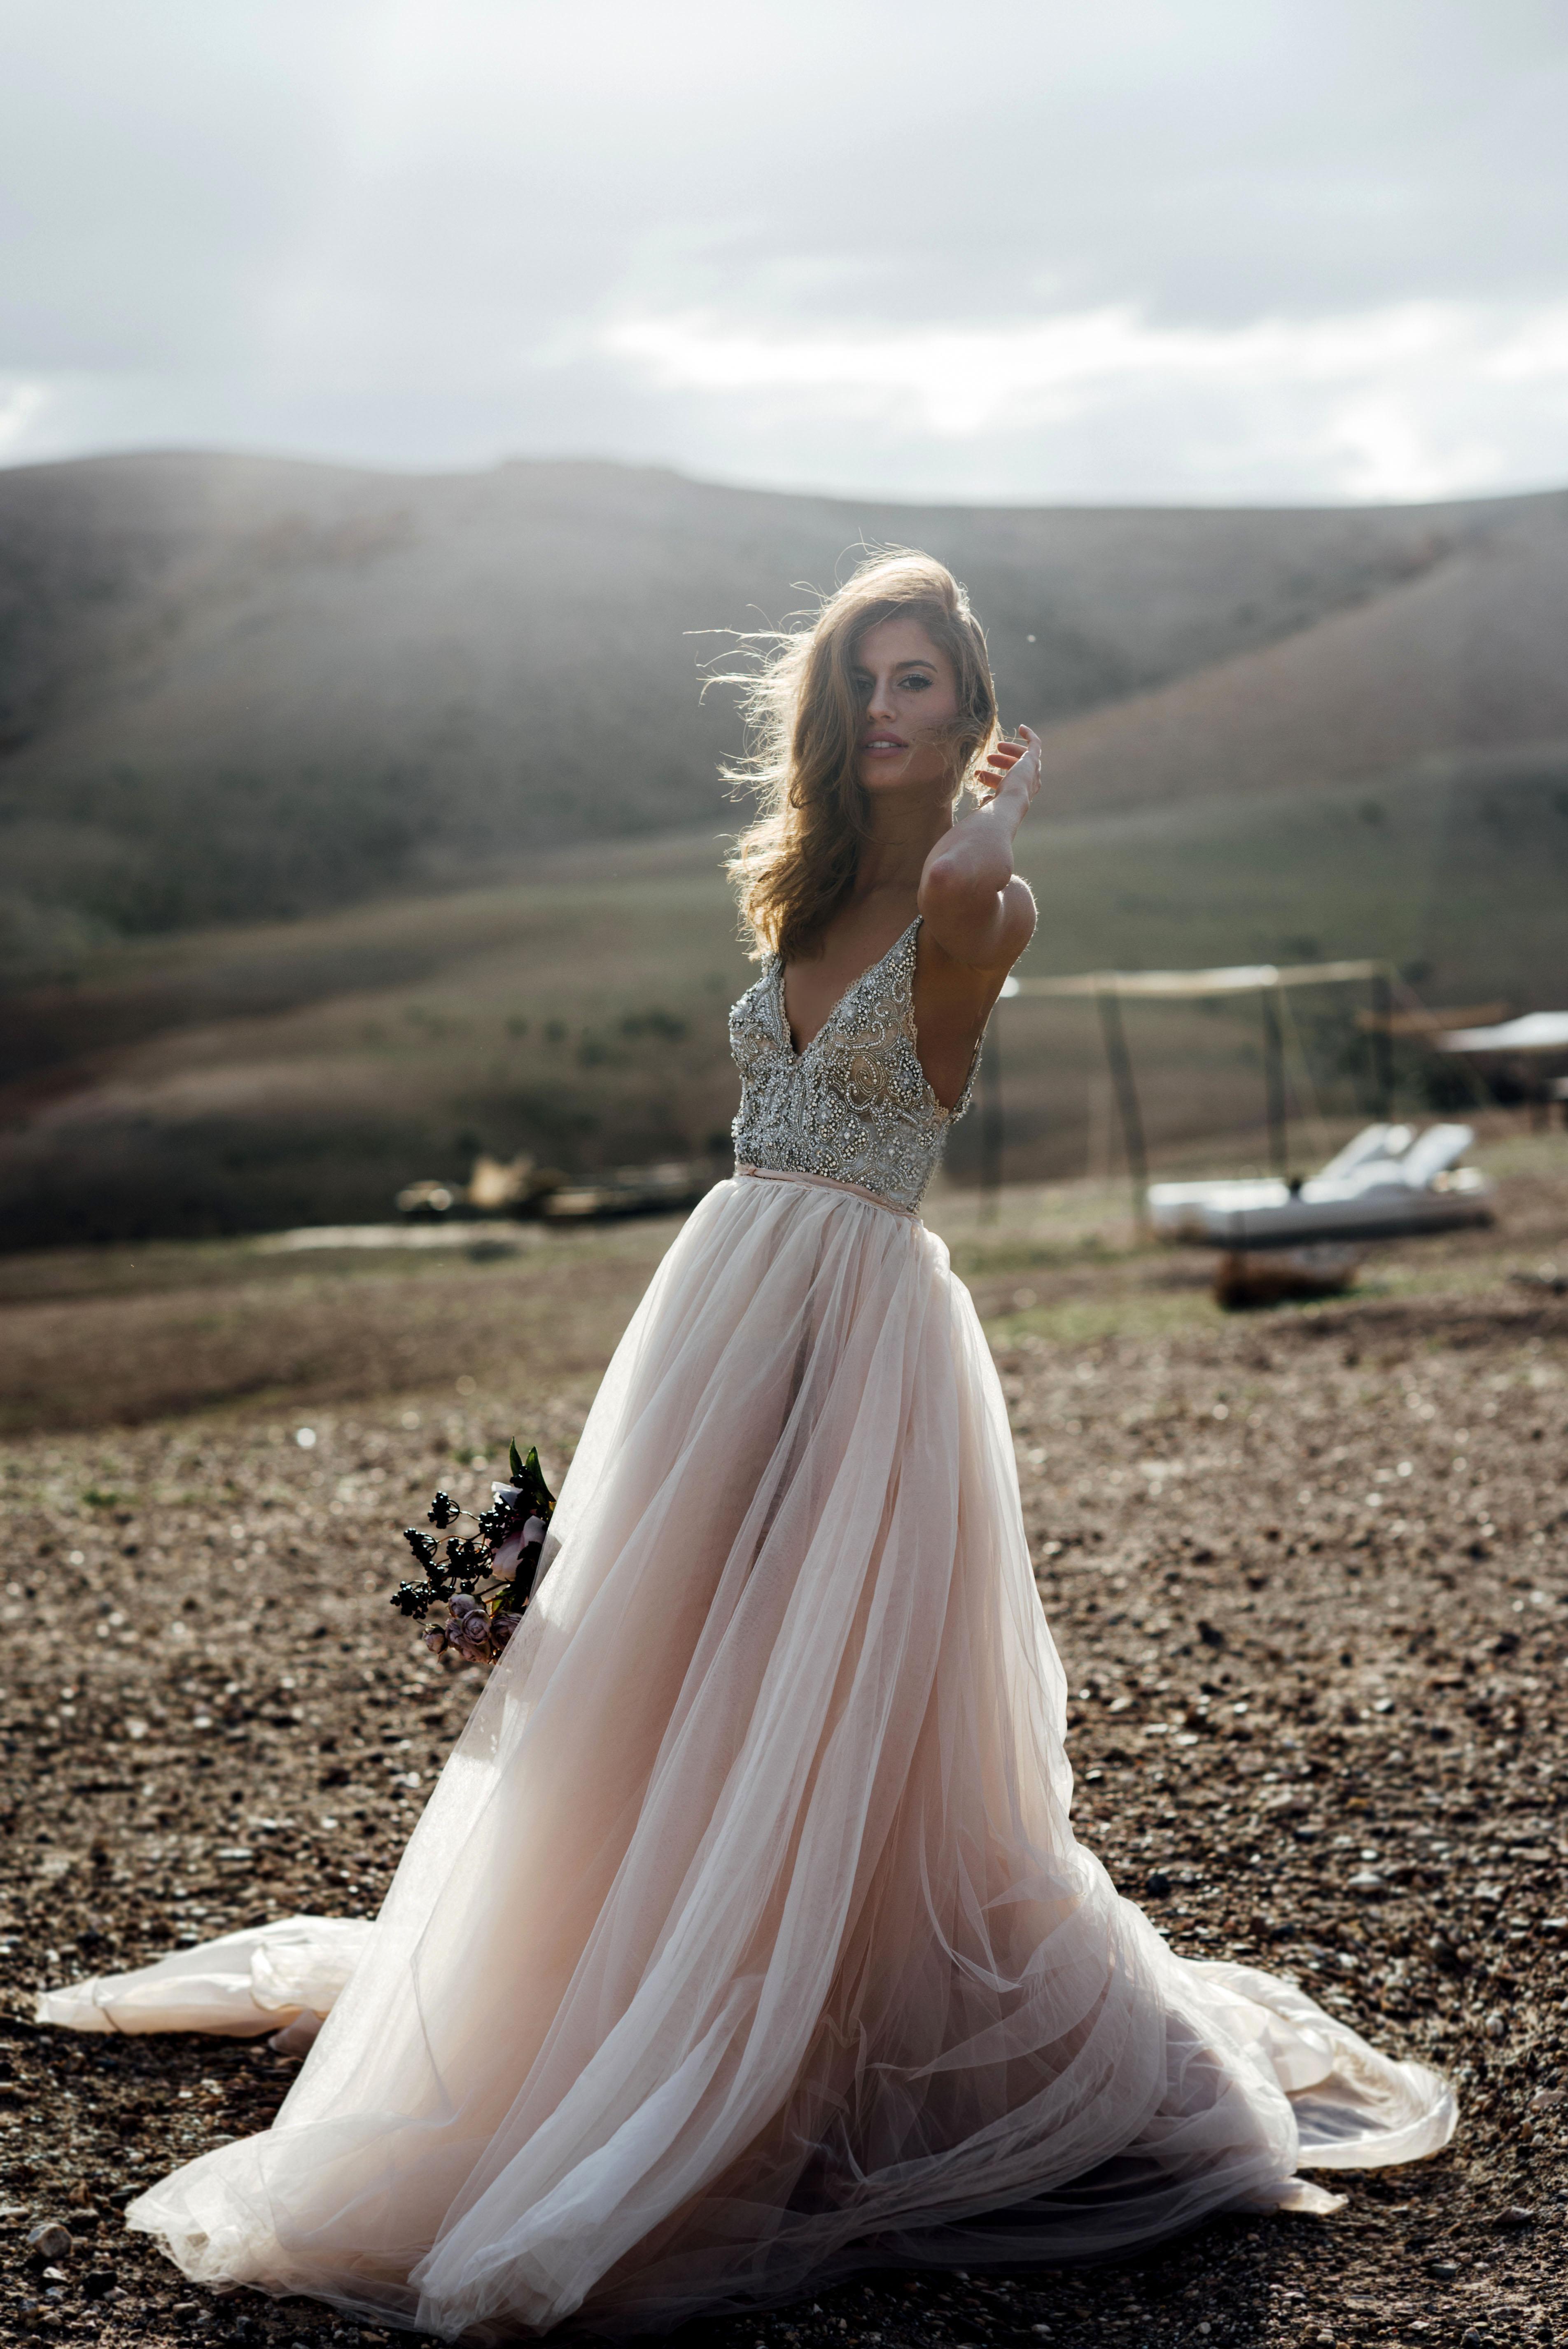 Marraekch Bridal Shooting Galiah Lahav